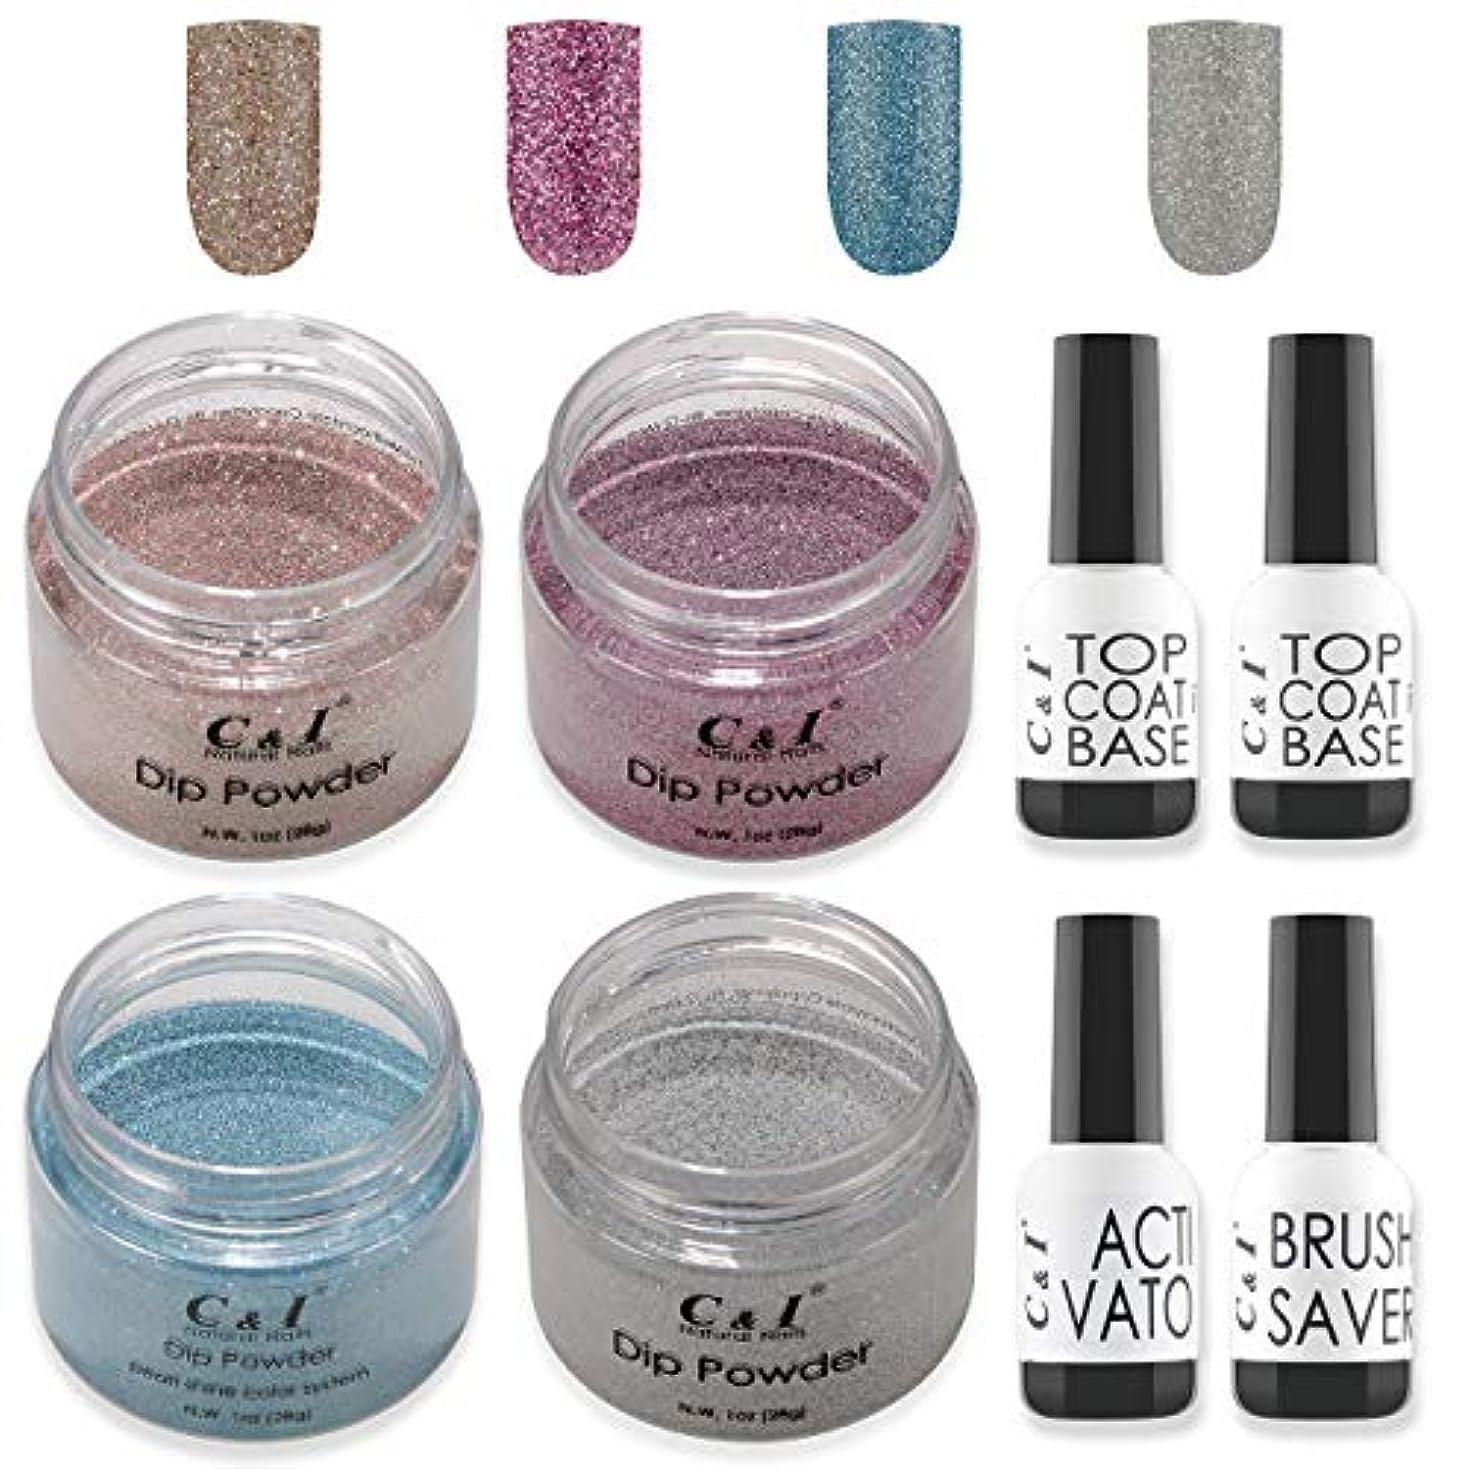 大学院クリーナー船尾C&I Dip Powder Nail Colors & Liquids Set, 4 colors and 4 liquids, glittering nail powder, N.W. 28 g * 4 pcs &...